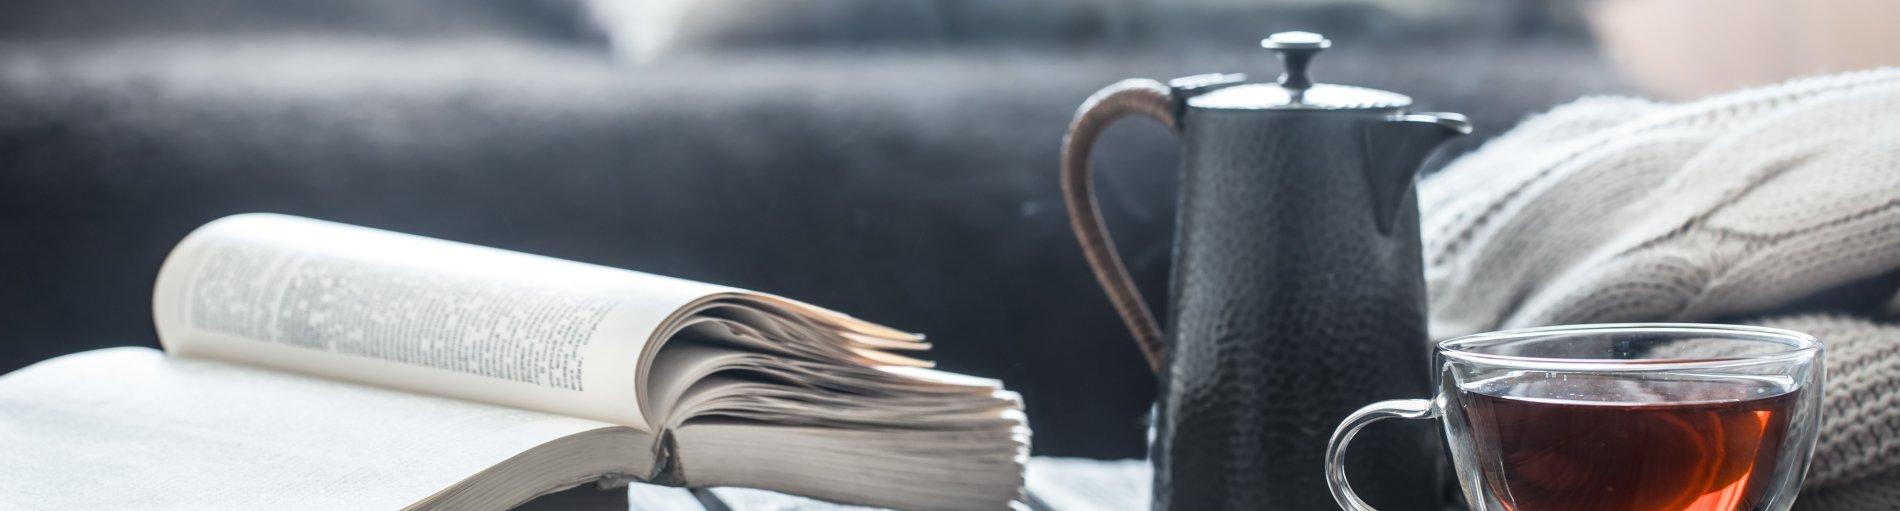 Ein aufgeschlagenes Buch liegt auf einem Holztisch, daneben steht eine Teekanne und ein gefülltes Teeglas. Im Hintergrund ein Sofa mit Kissen.